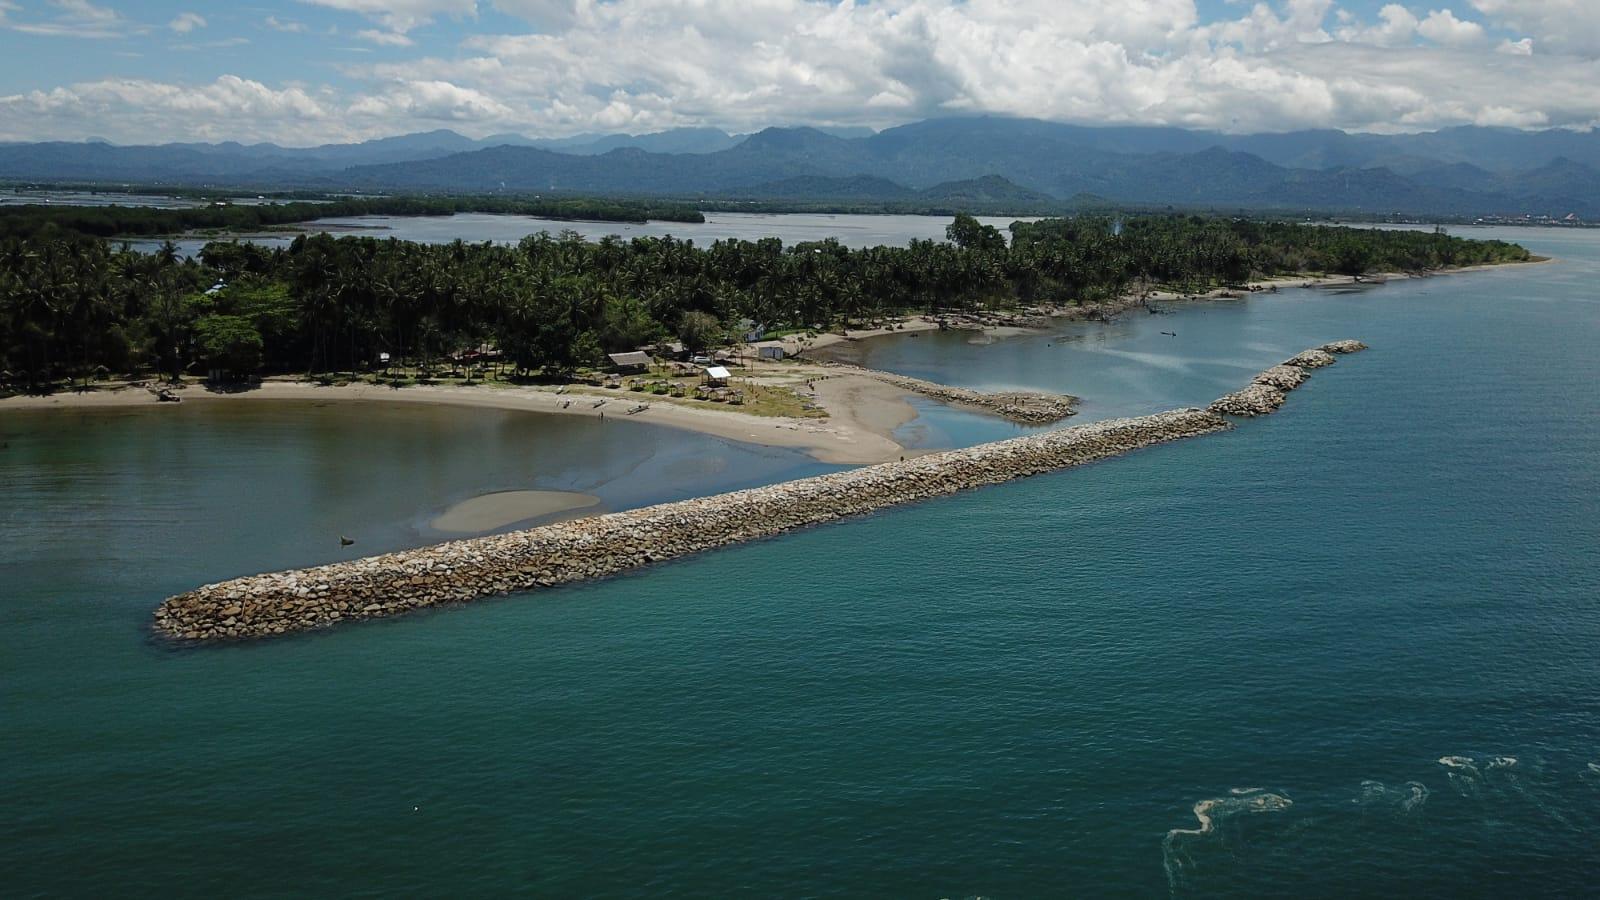 lima-paket-pekerjaan-pada-ppk-sungai-dan-pantai-ii-wilayah-prov-sulawesi-barat-capai-target-100